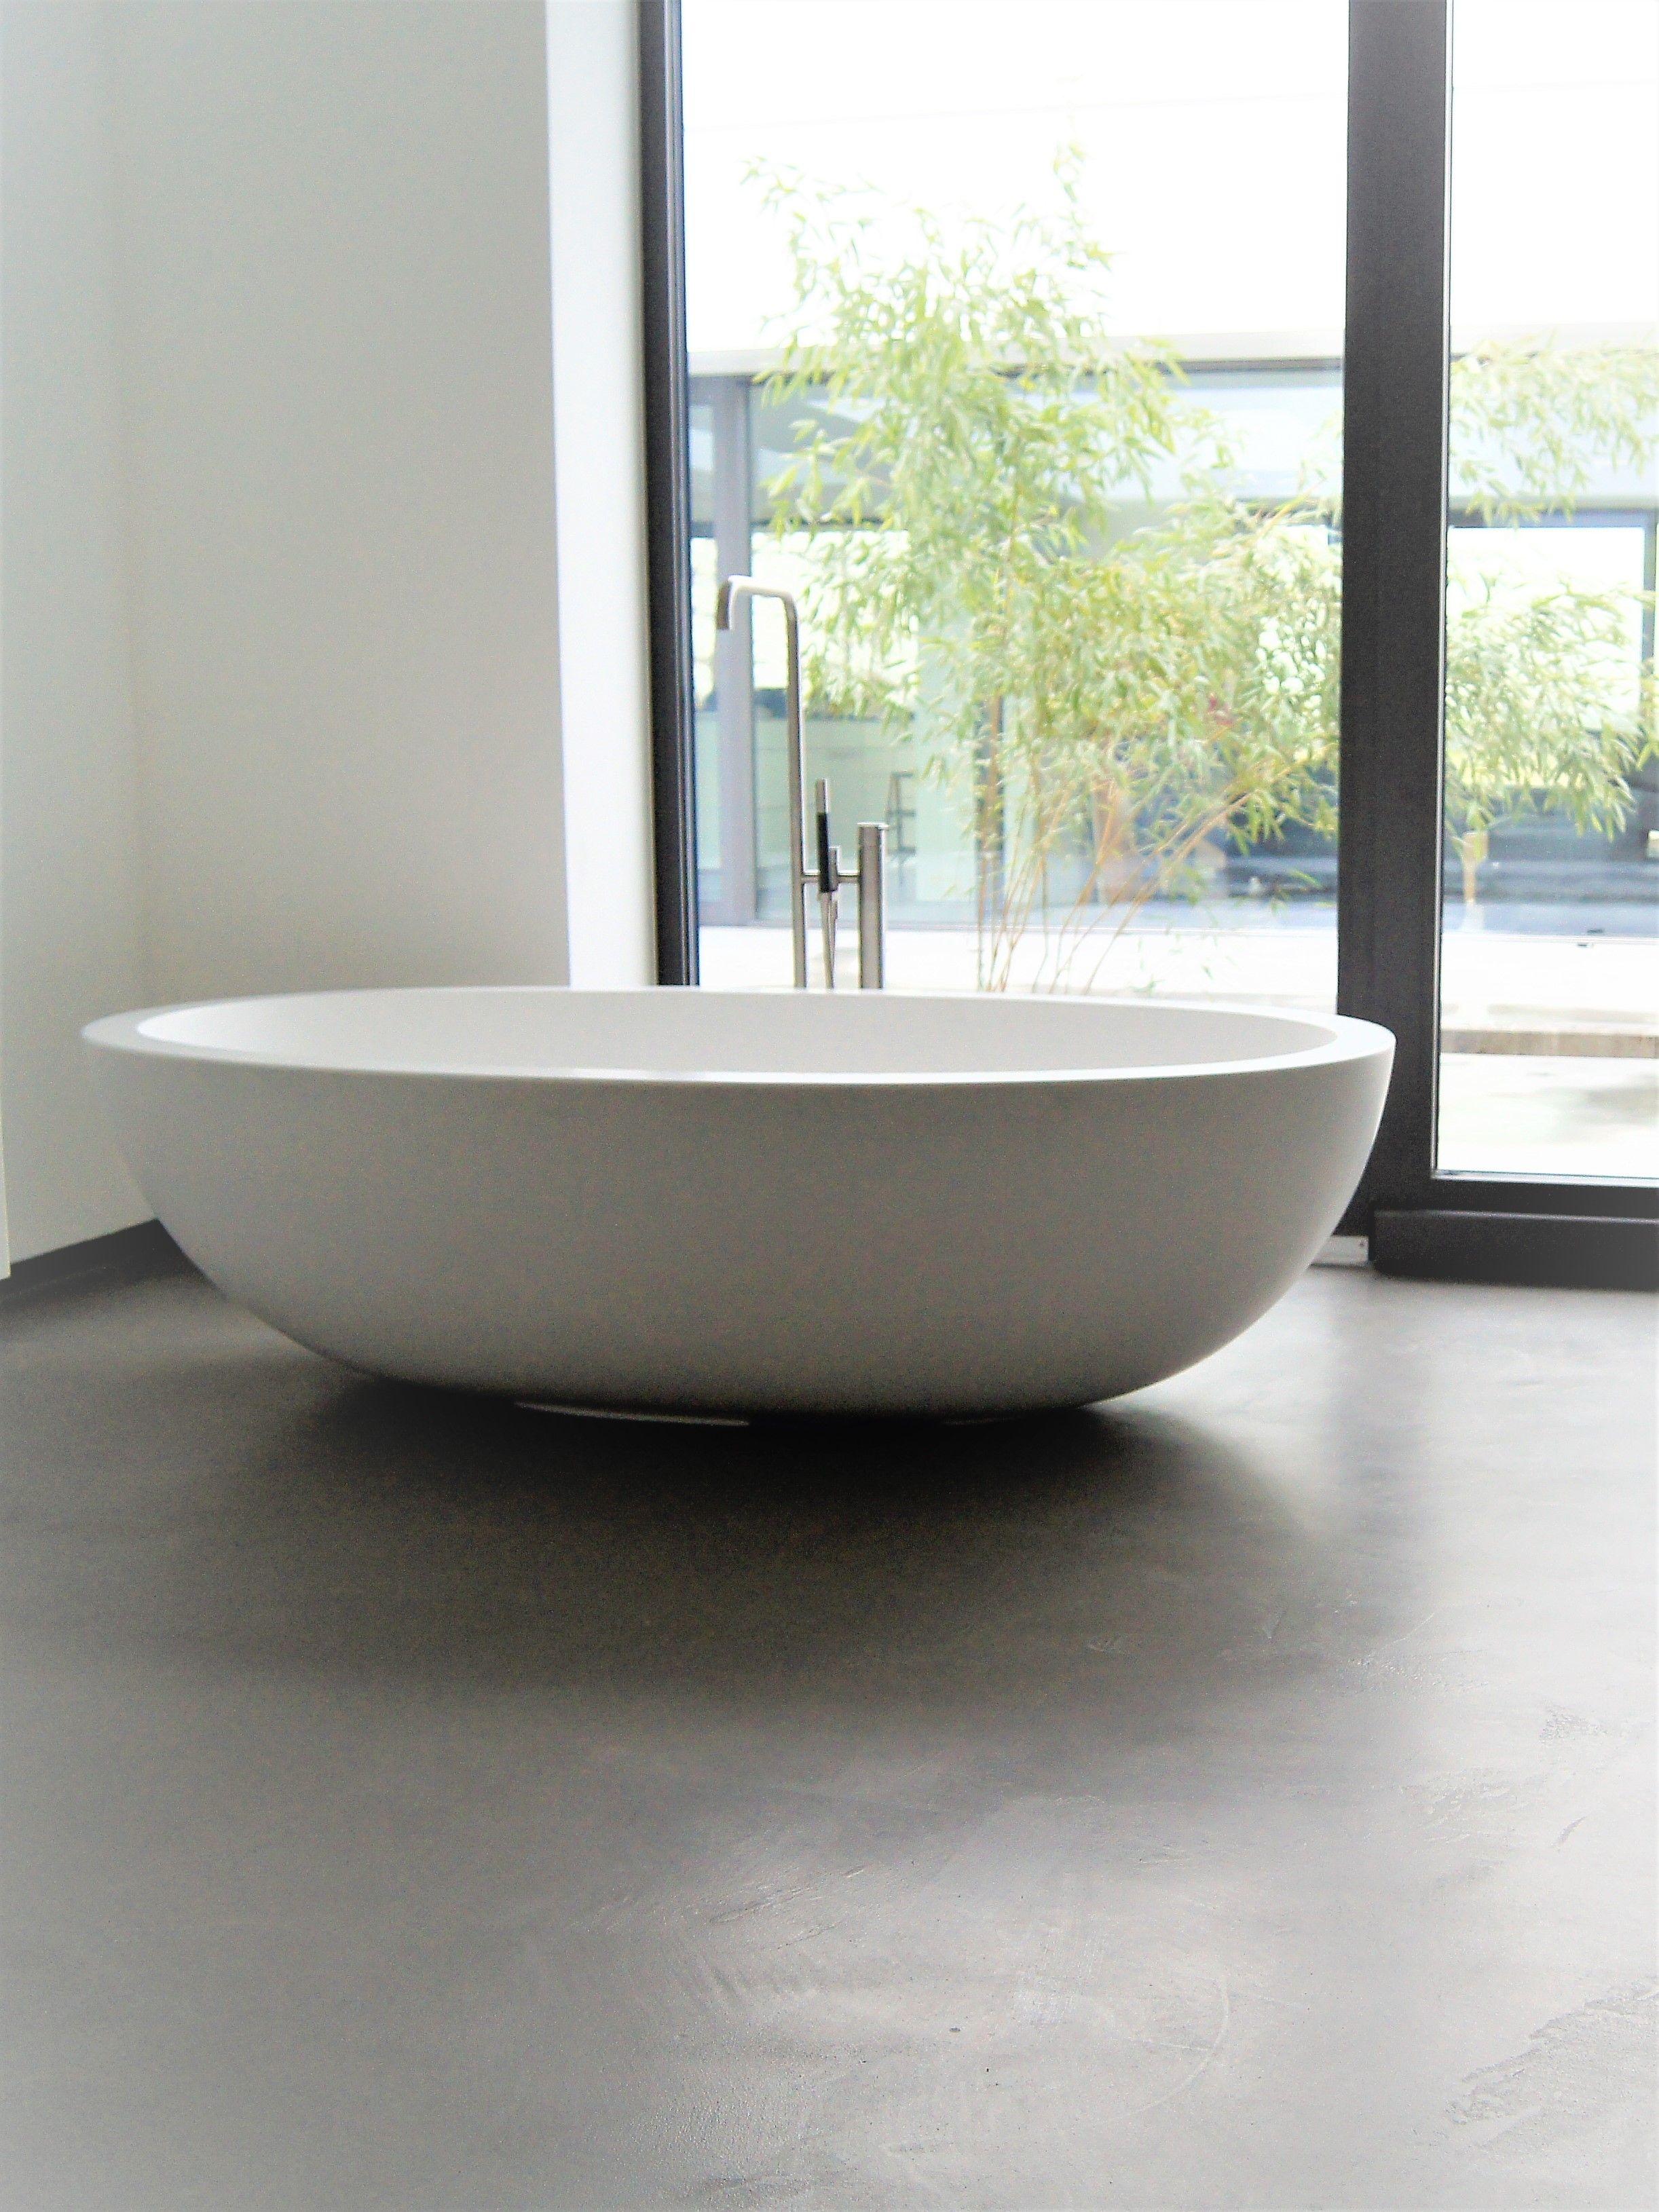 Bathroom Bad Ohne Fliesen Boden Und Wande Modern Fugenlos Zementar